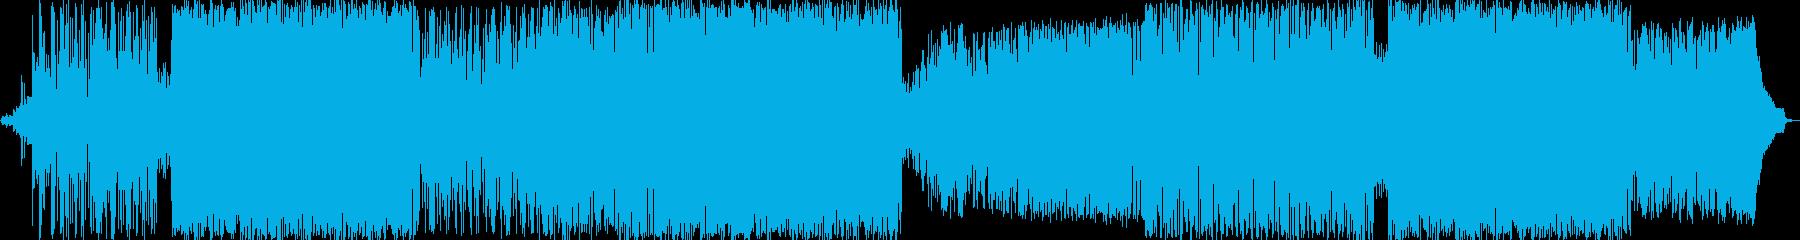 バスケットボールEDMの再生済みの波形